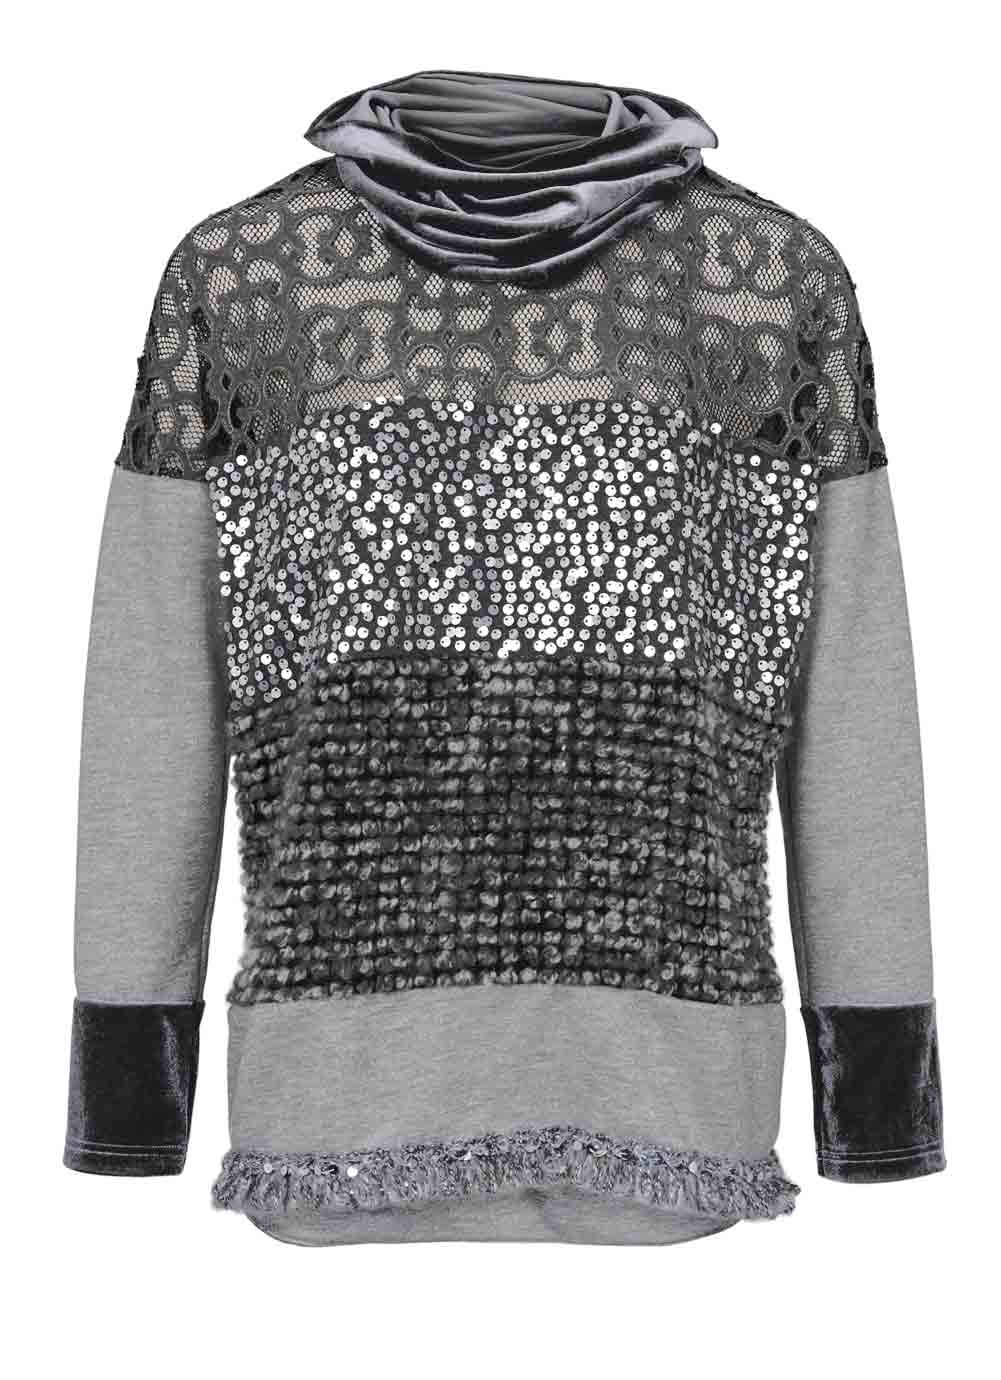 t shirts ohne ärmel HEINE Damen Designer-Sweatshirt m. Samtschal Grau 234.395 Missforty